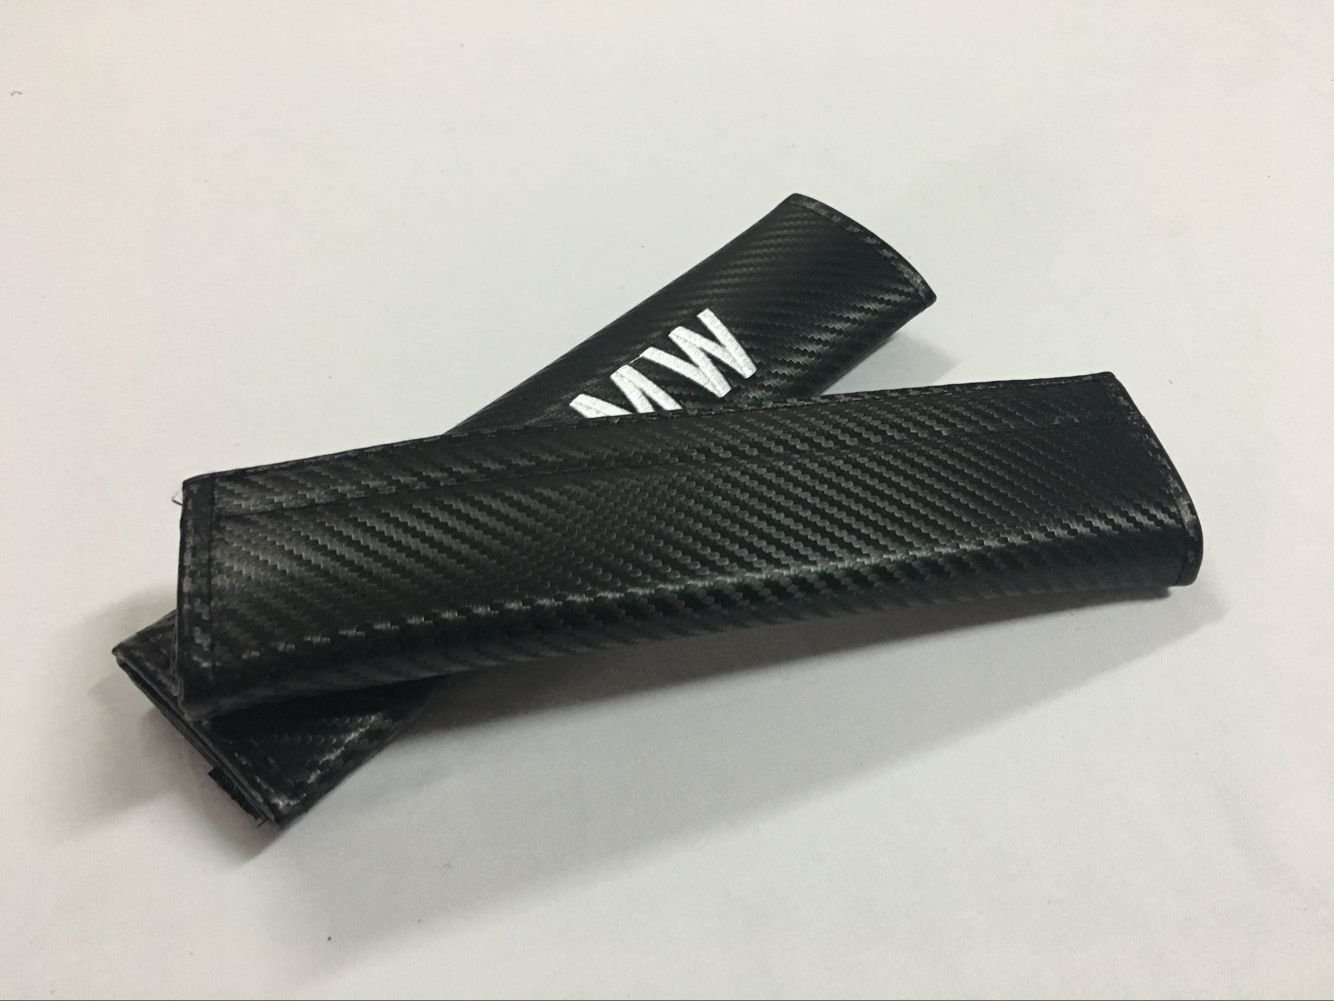 Hongyingcar 2pcs Car Seat Belt Carbon Fiber Cover Shoulder Pad Cushion for Mercedes Benz